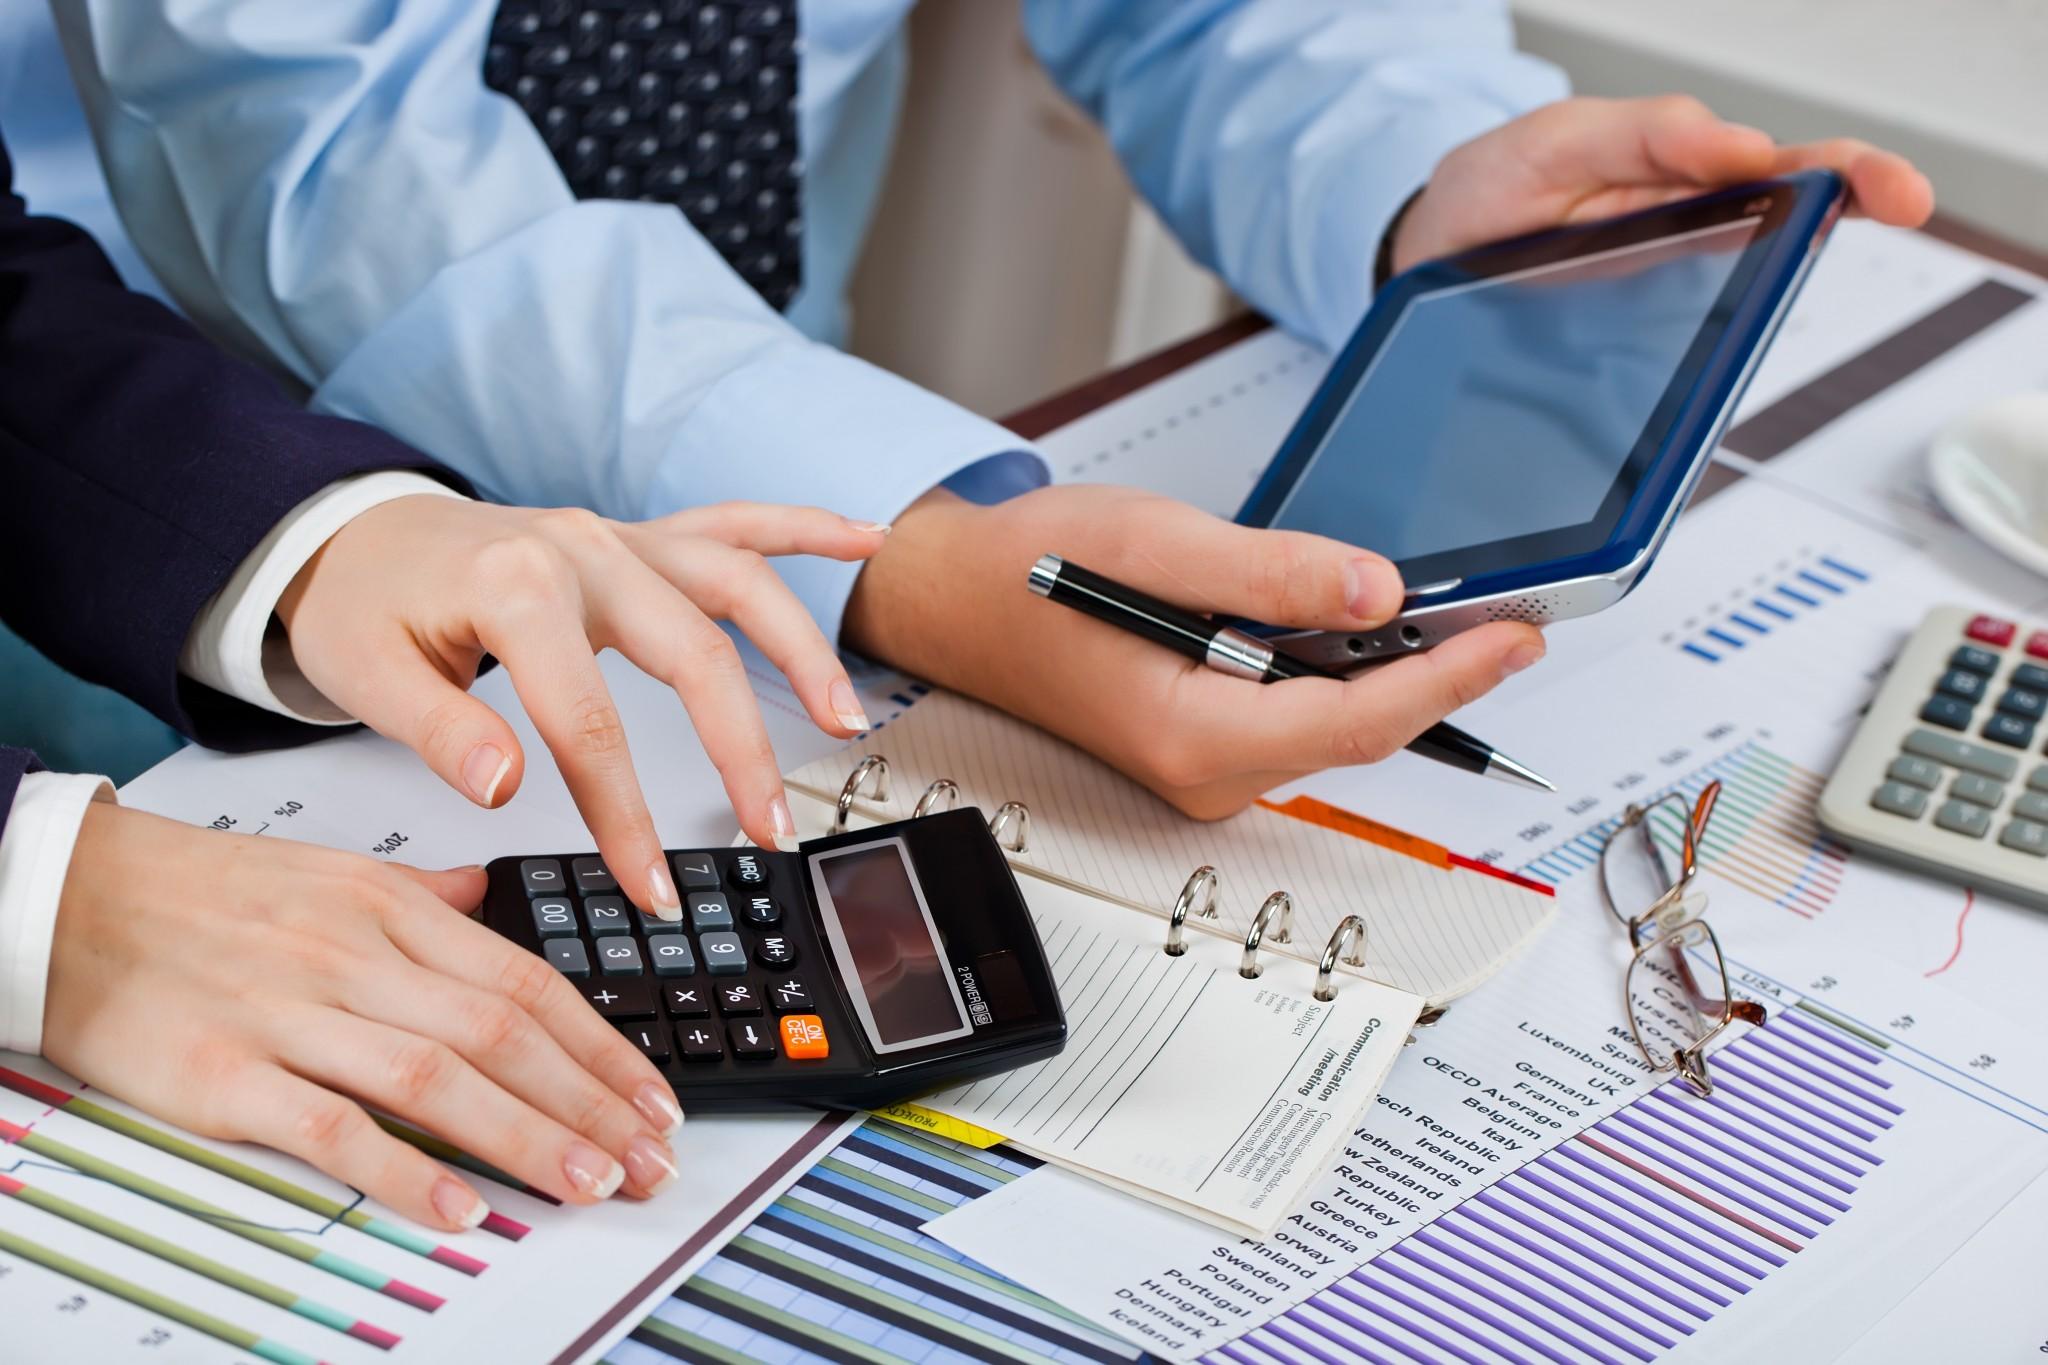 Бухгалтерский учет и налогообложение, с изучением программы 1С: Бухгалтерия 8.3